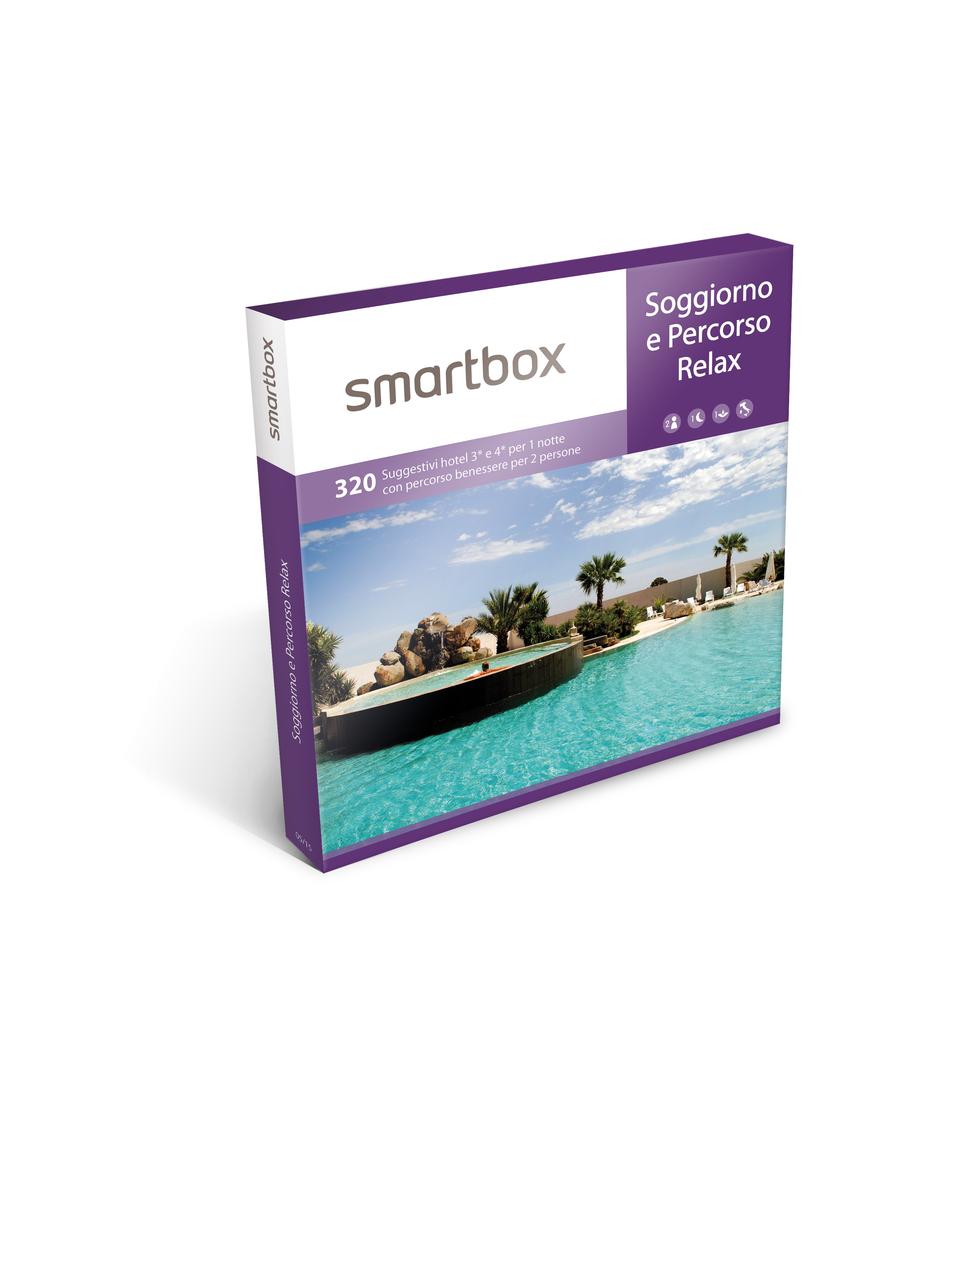 Stunning Soggiorno Benessere Smartbox Gallery - Idee Arredamento ...